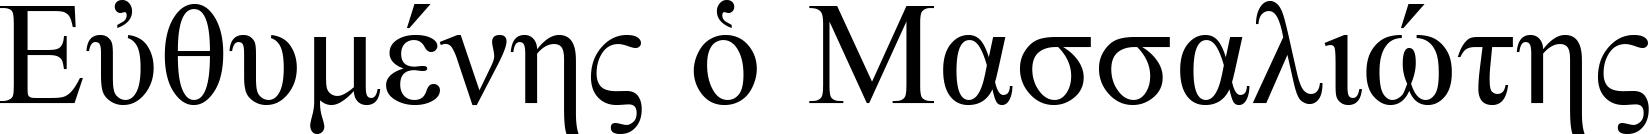 https://hess.copernicus.org/articles/25/2419/2021/hess-25-2419-2021-g22